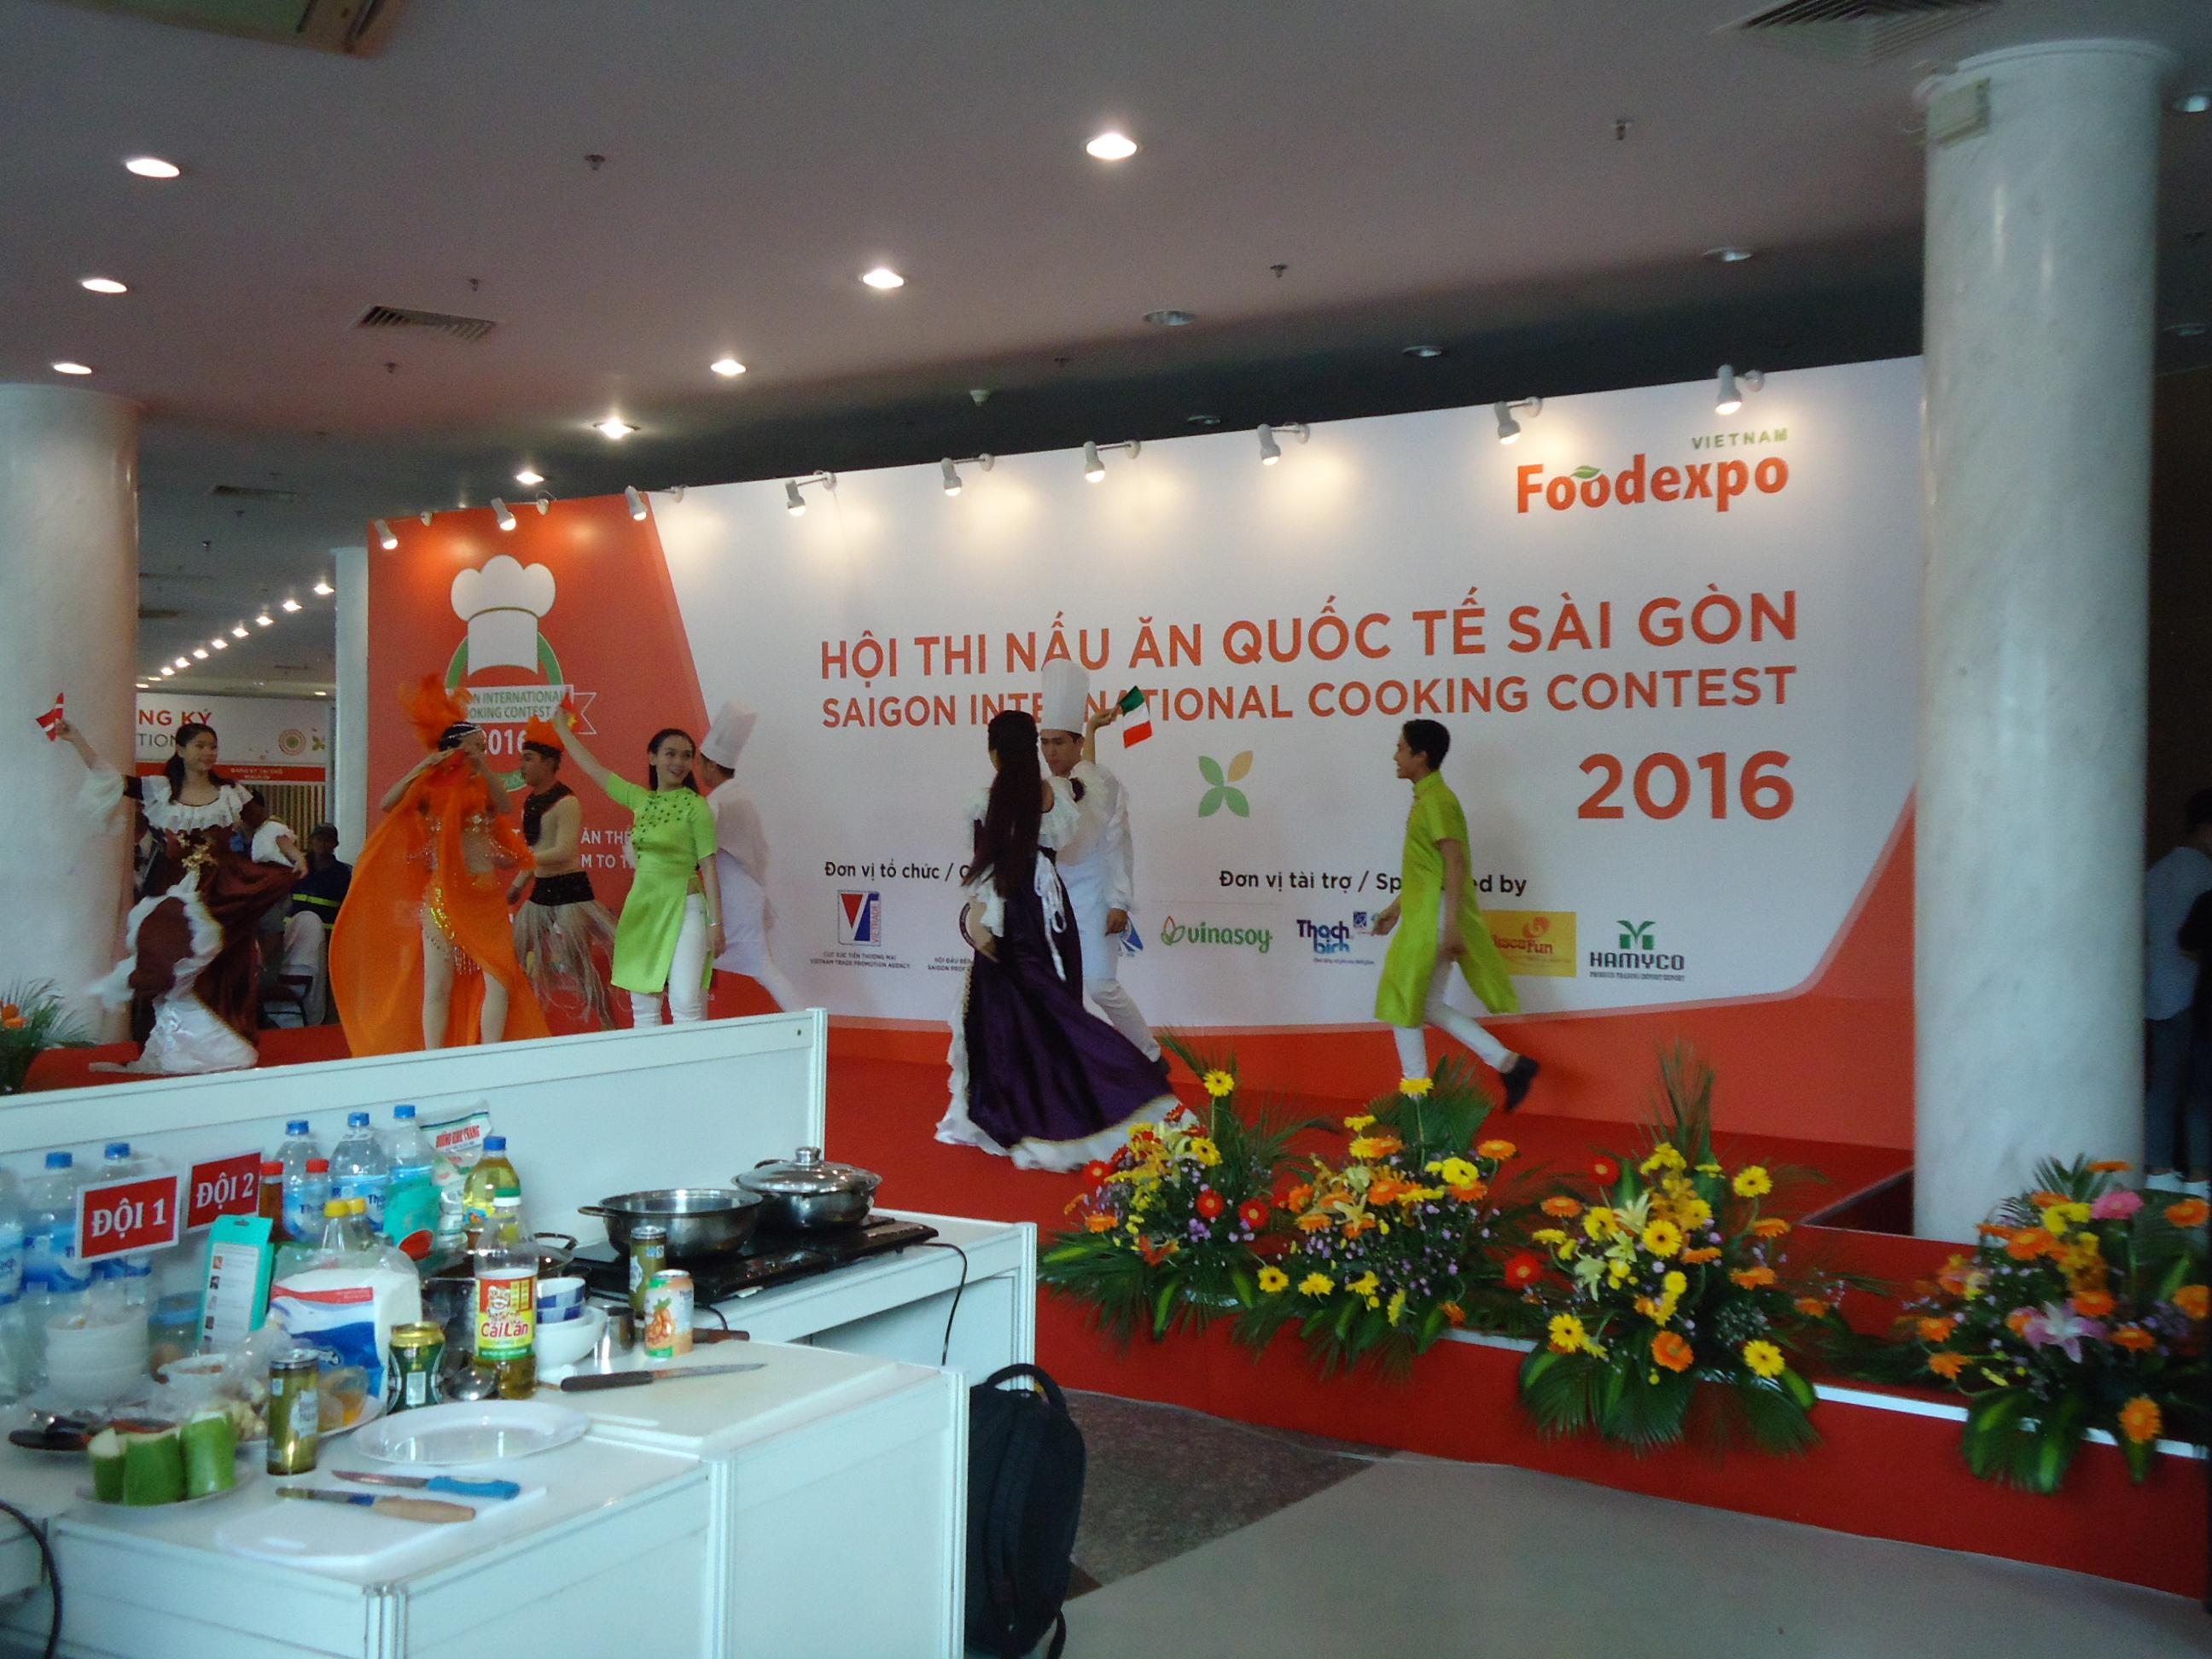 Yến Đảo Việt Nam mua bán chế biến tổ chim yến triển lãm quốc tế công nghiệp thực phẩm.